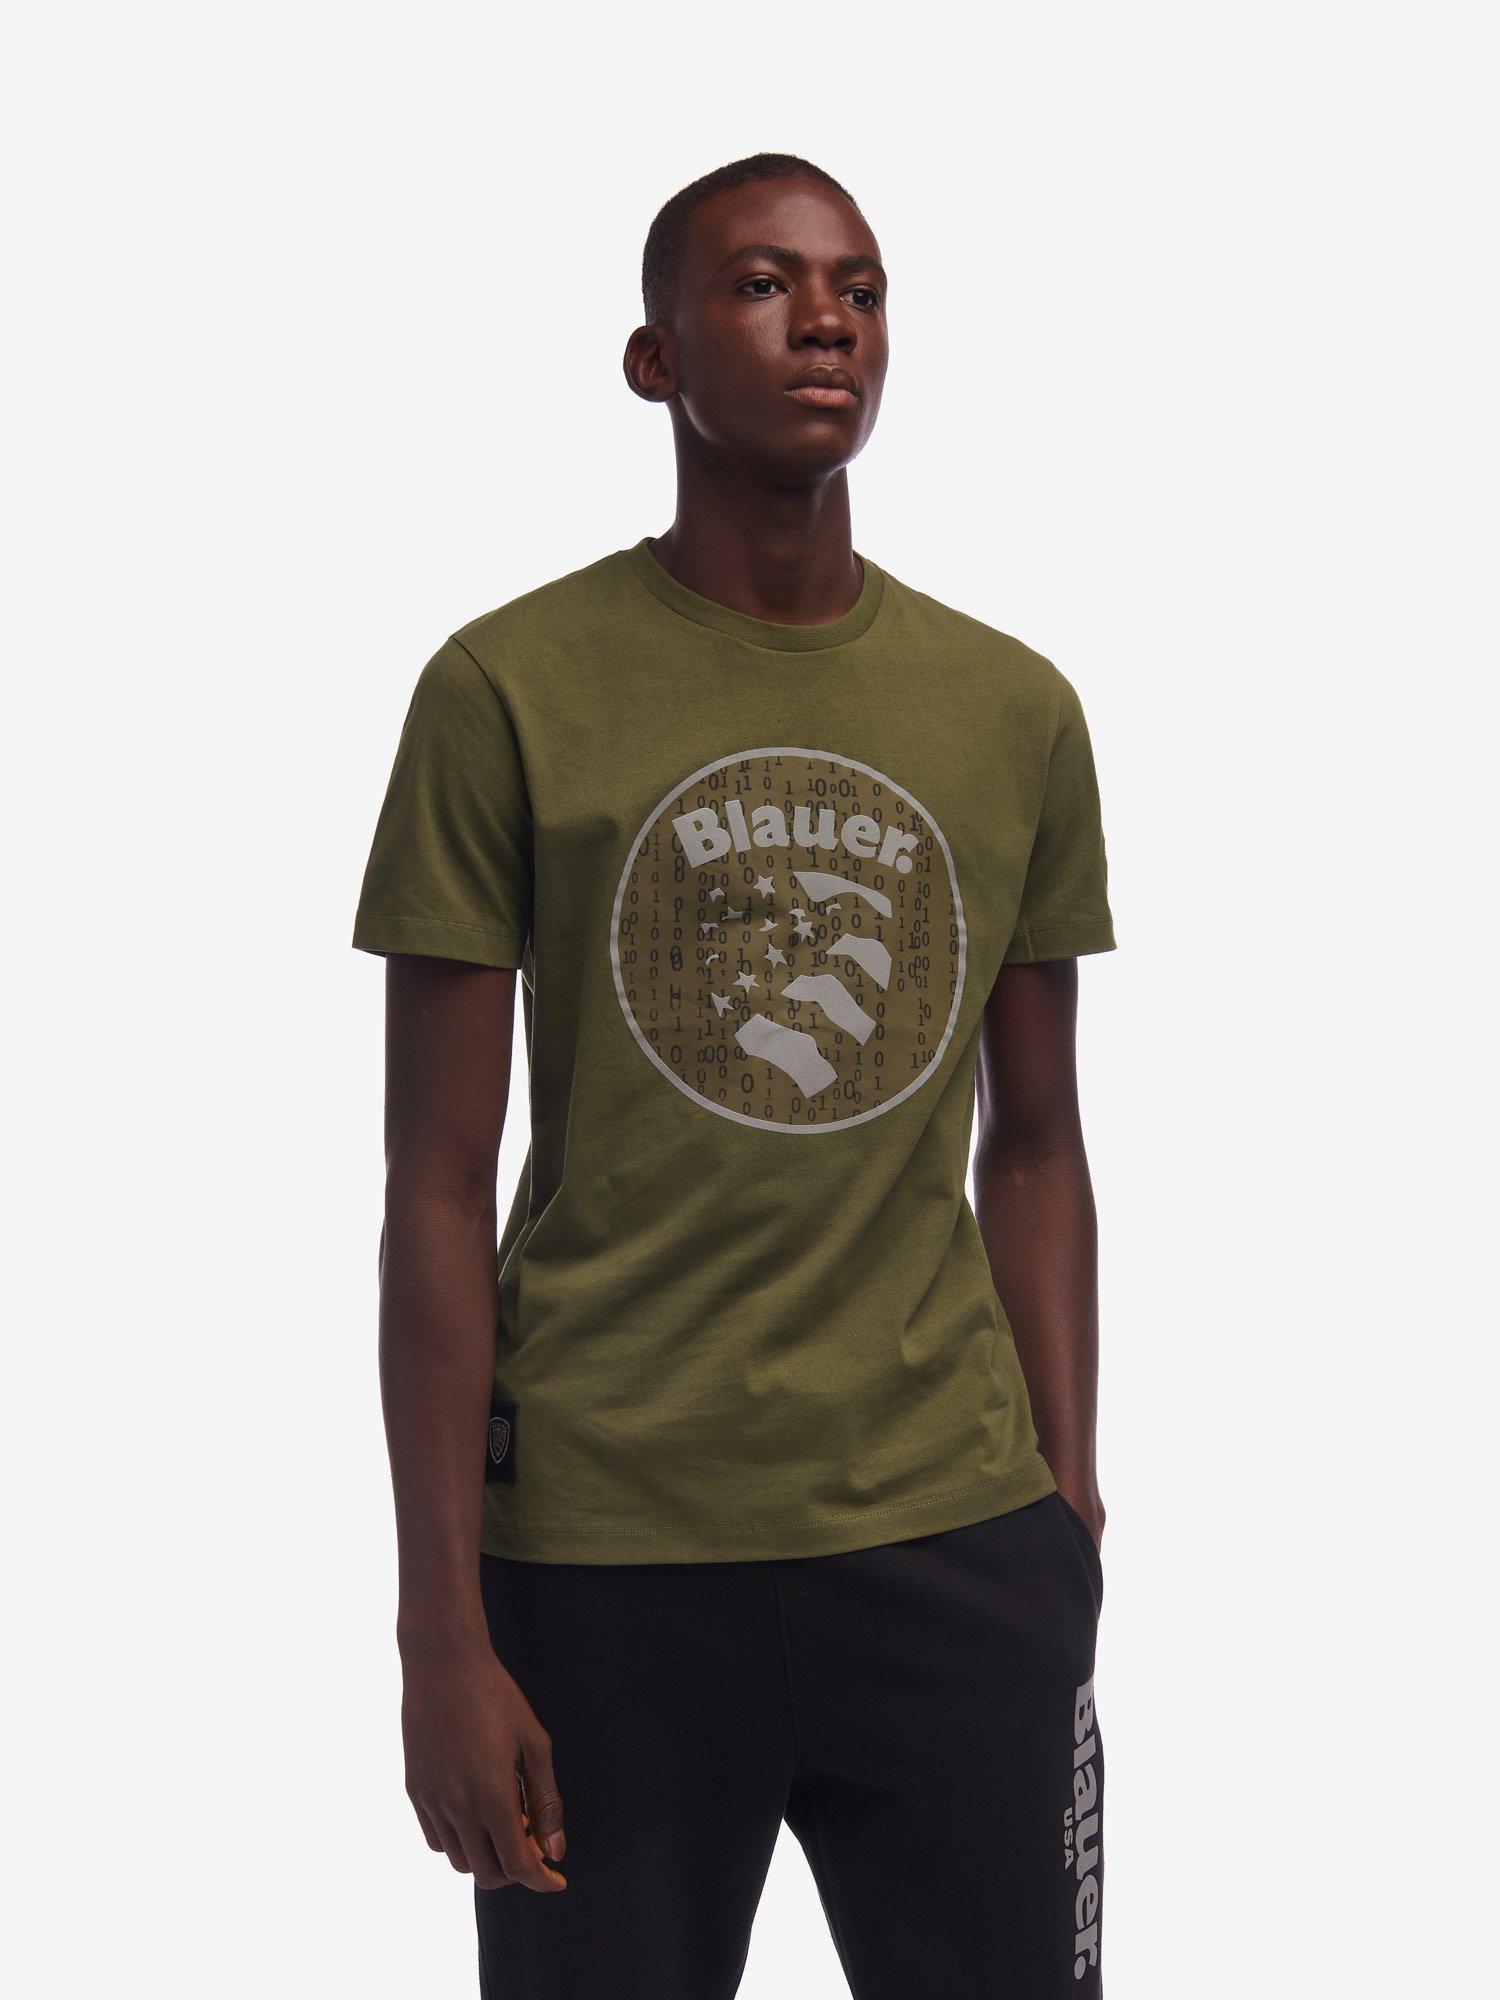 Blauer - T-SHIRT MANICA CORTA 0110 - Verde Serpente - Blauer